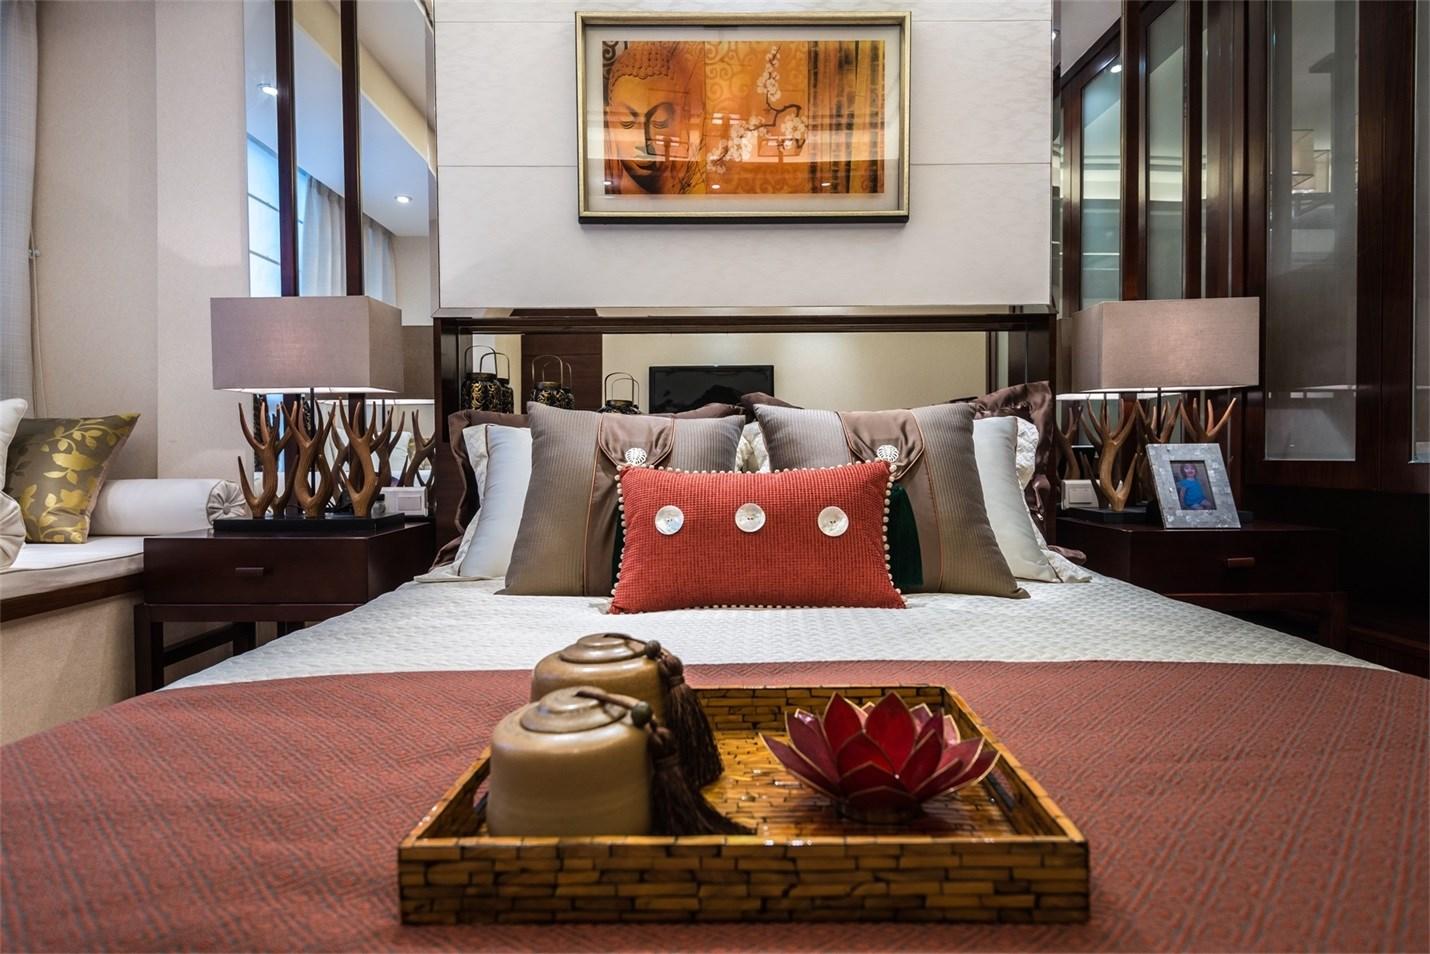 红木衣柜也为房间设计加分。